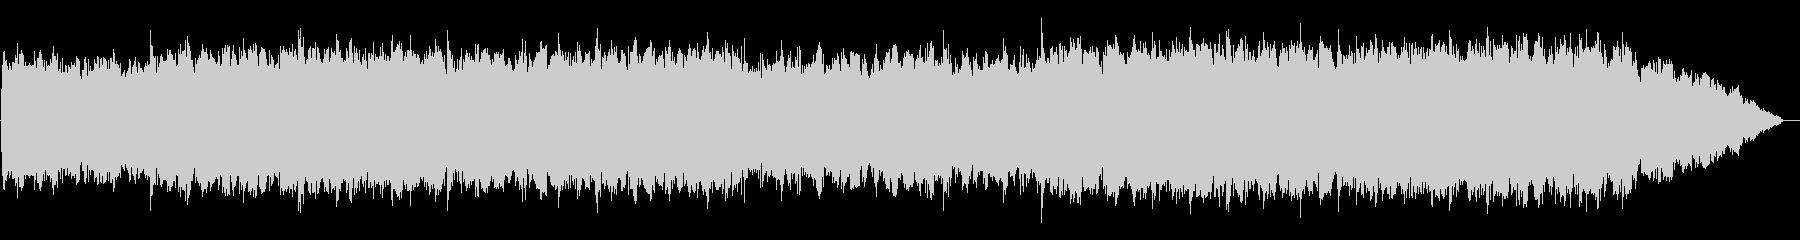 竹笛のメロディーの浮遊感のあるBGMの未再生の波形